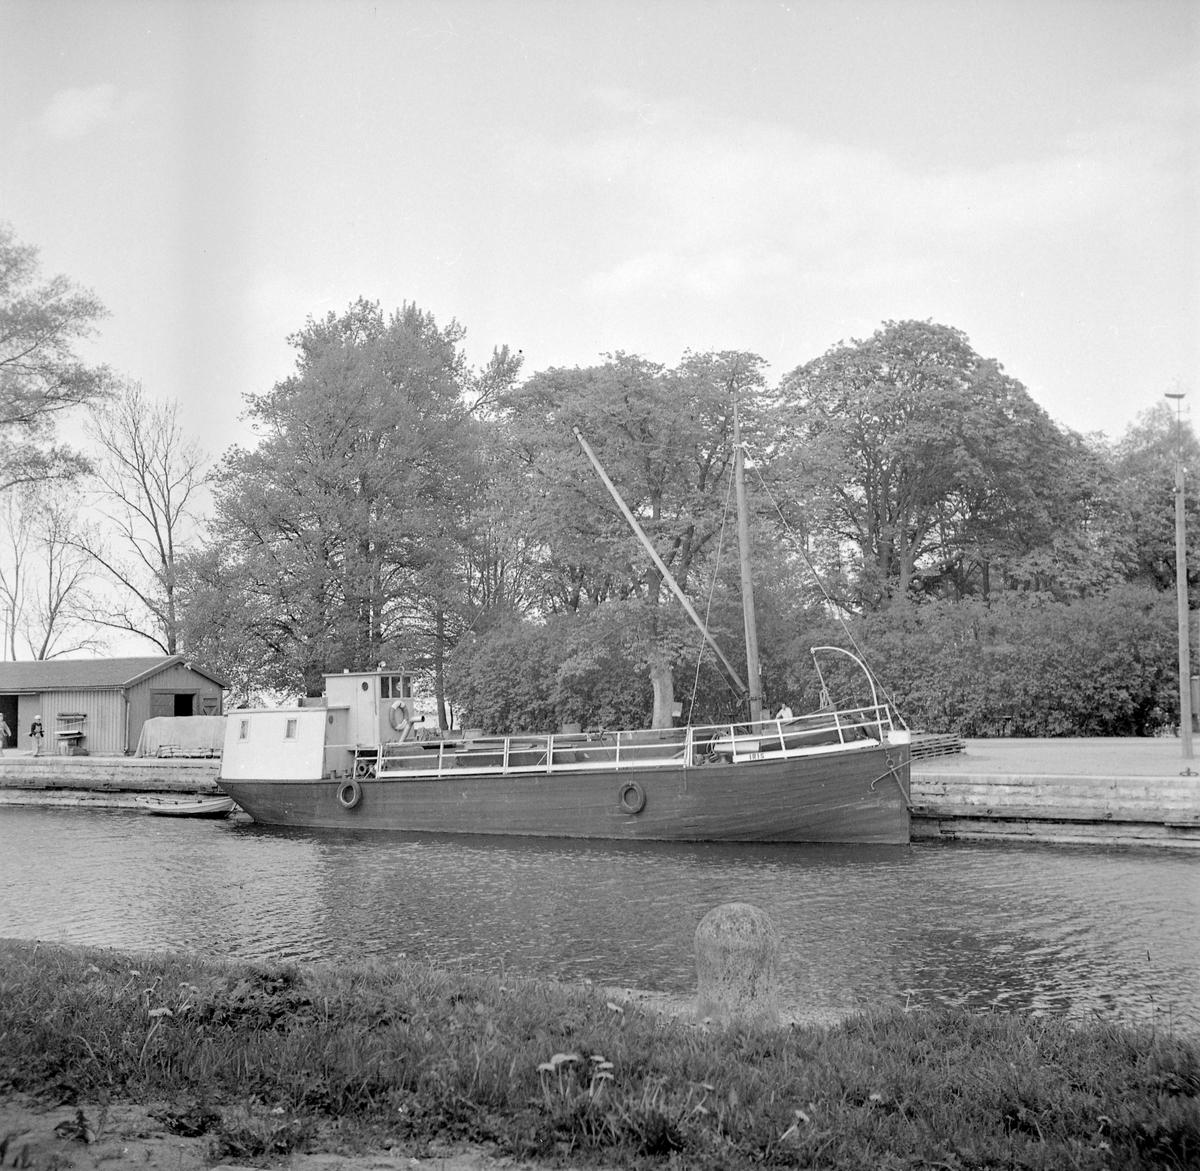 M/f Iris i Vadstena hamn 1949. Samma år hade hon förvärvats av Sven Ivan Holmberg i Örberga för att tjäna som sandsugare i Vättern. Ursprungligen byggdes fartyget i Hägerstad av skeppsbyggmästare Robert Alm och kom att gå på Kinda kanal från sommaren 1922.